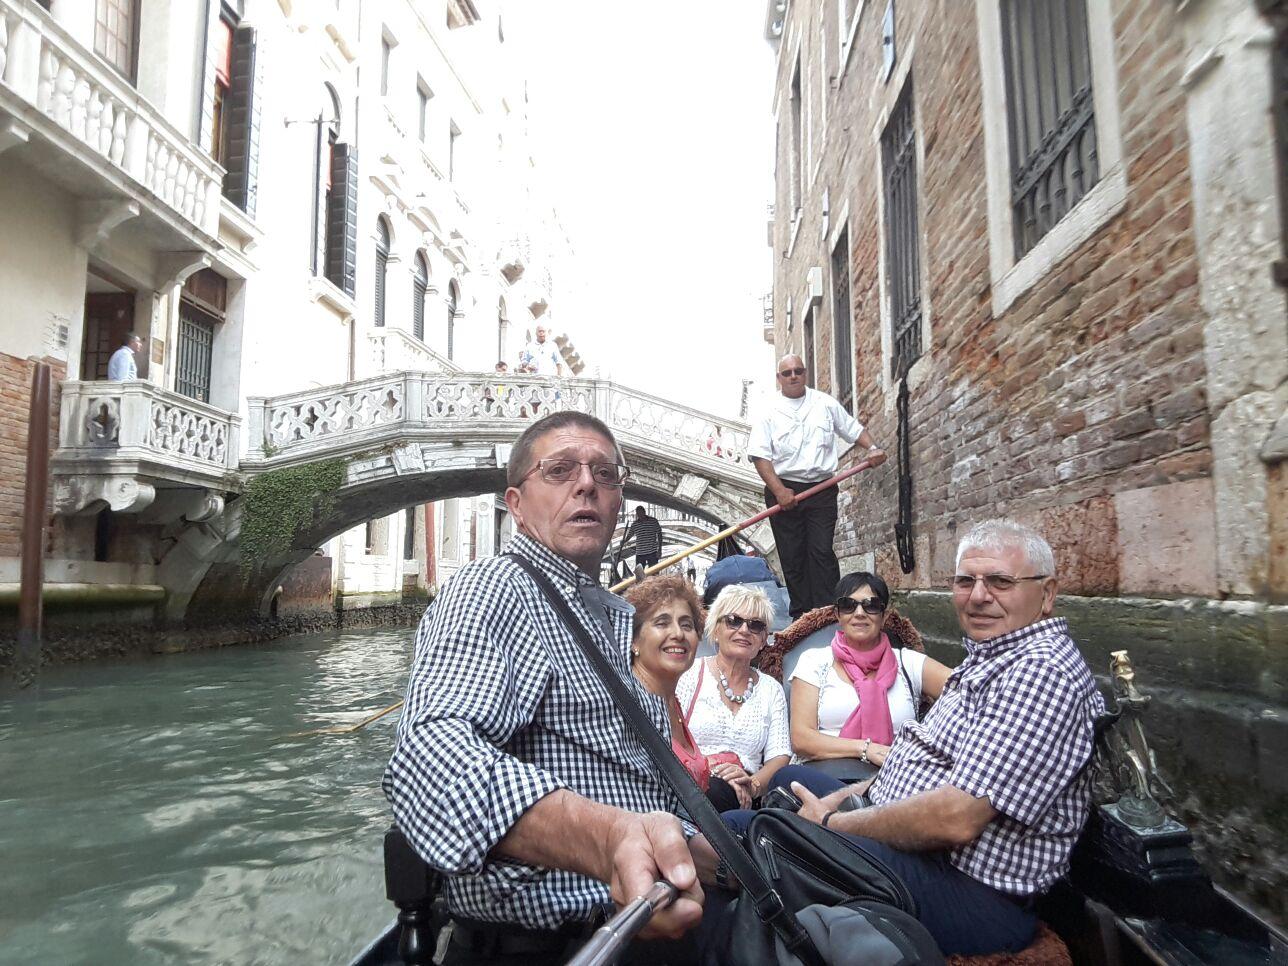 Jose, Antonio, Ino, Rosa y M. Jose paseando en Gondola por Venecia.